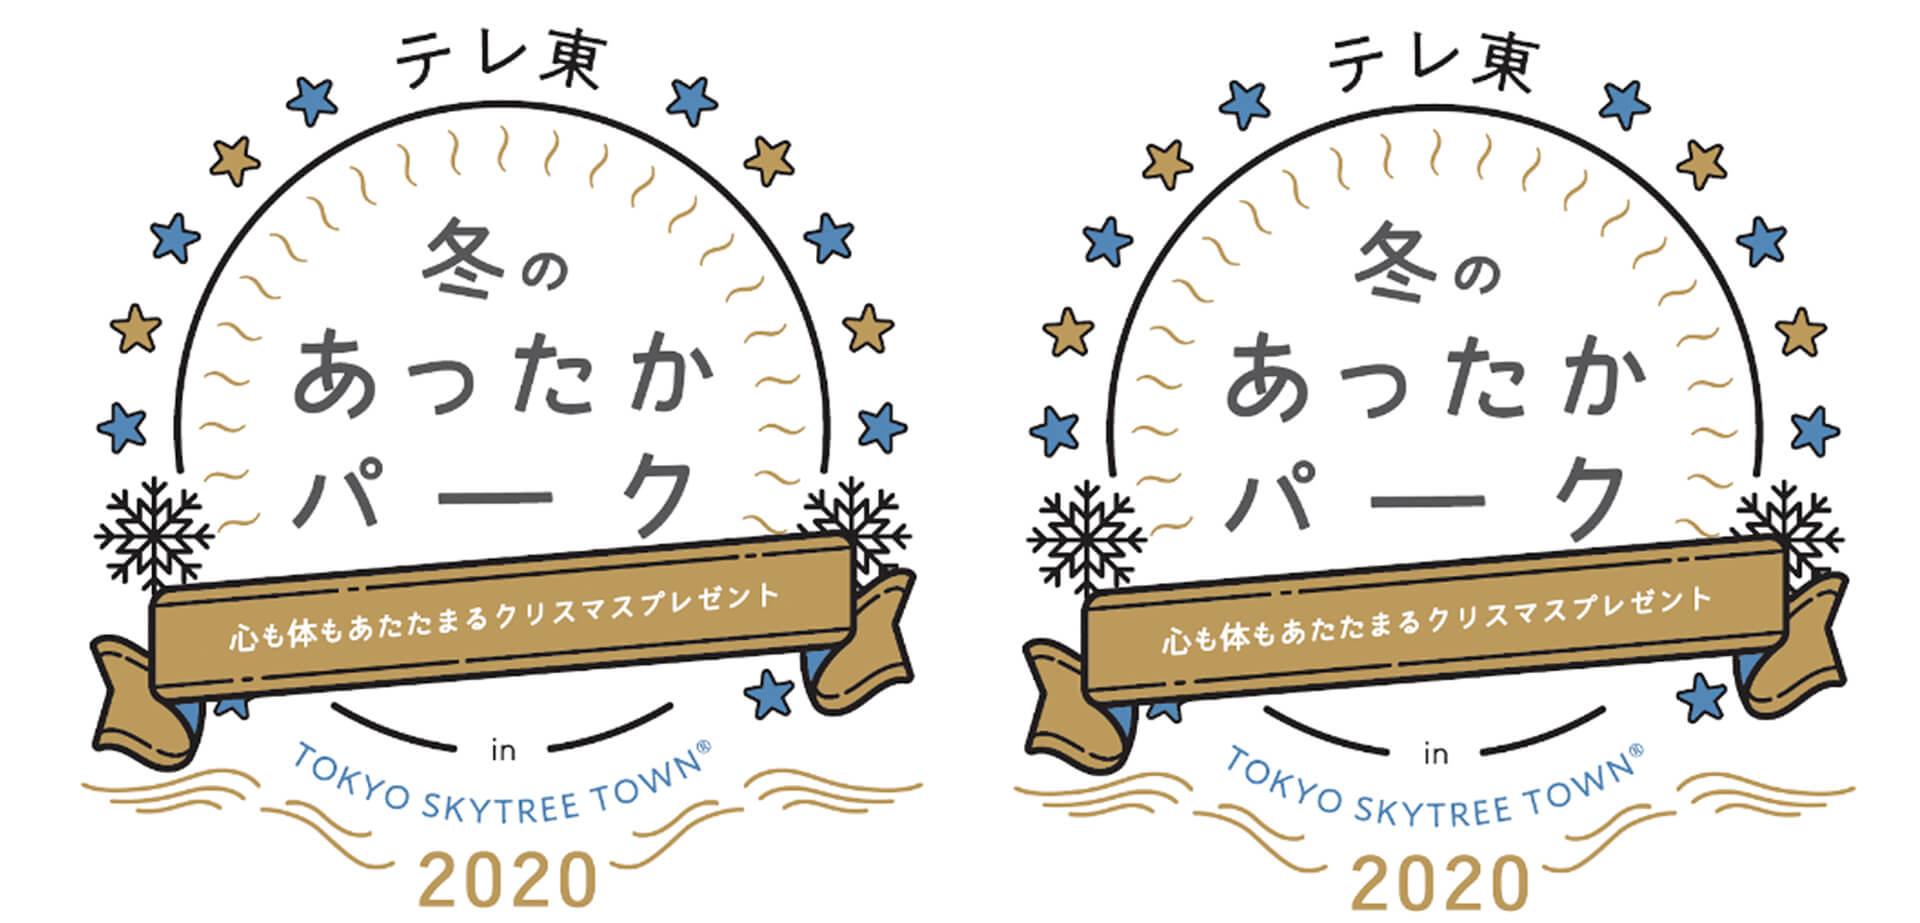 テレ東 冬のあったかパーク2020 in TOKYO SKYTREE TOWN(R)